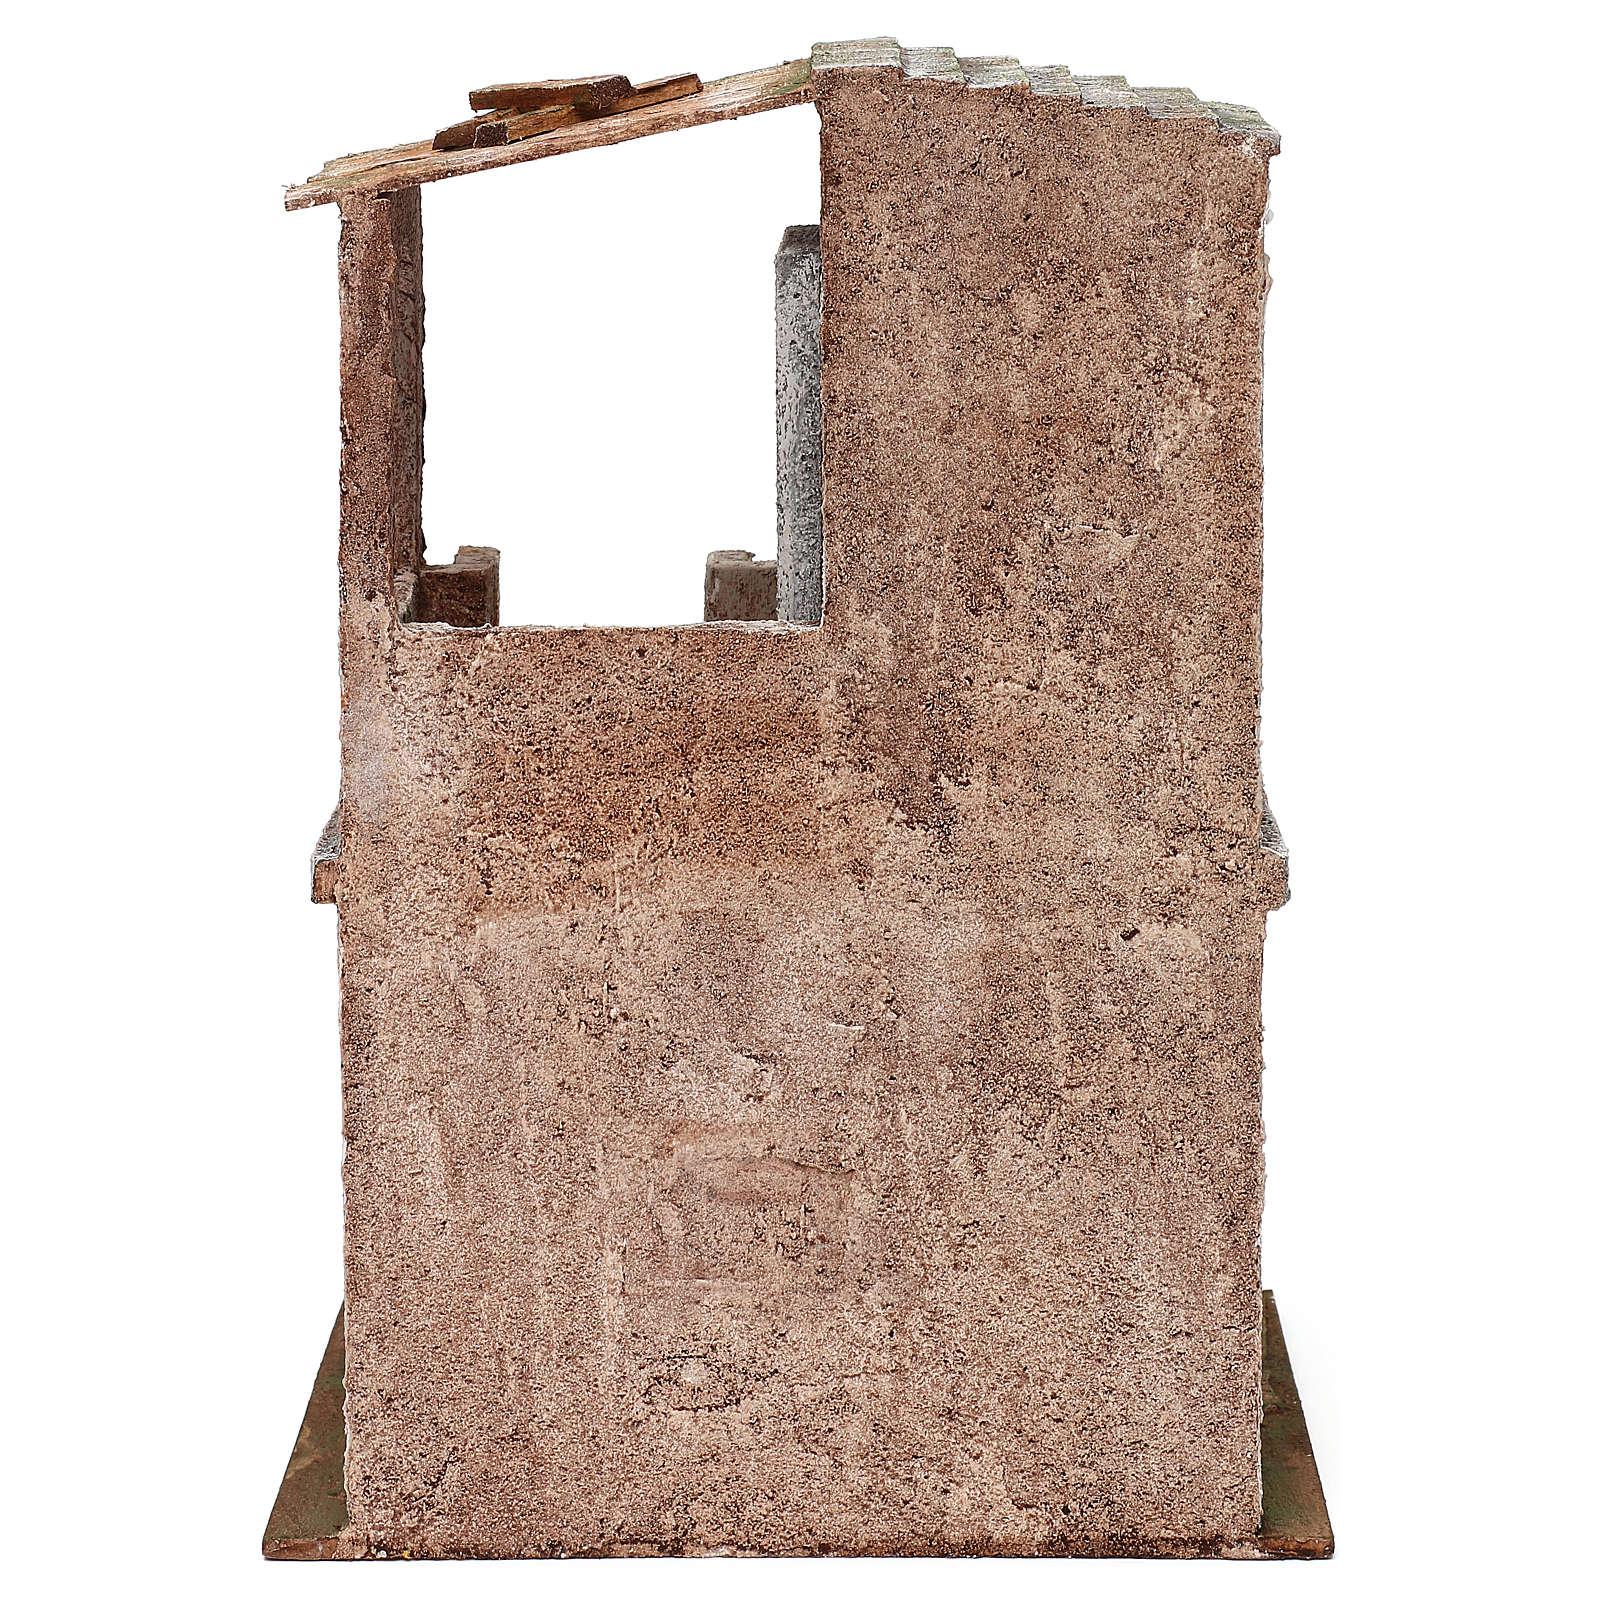 Casita con 2 pisos comunicantes de 34x25x18 cm belén 12 cm 4